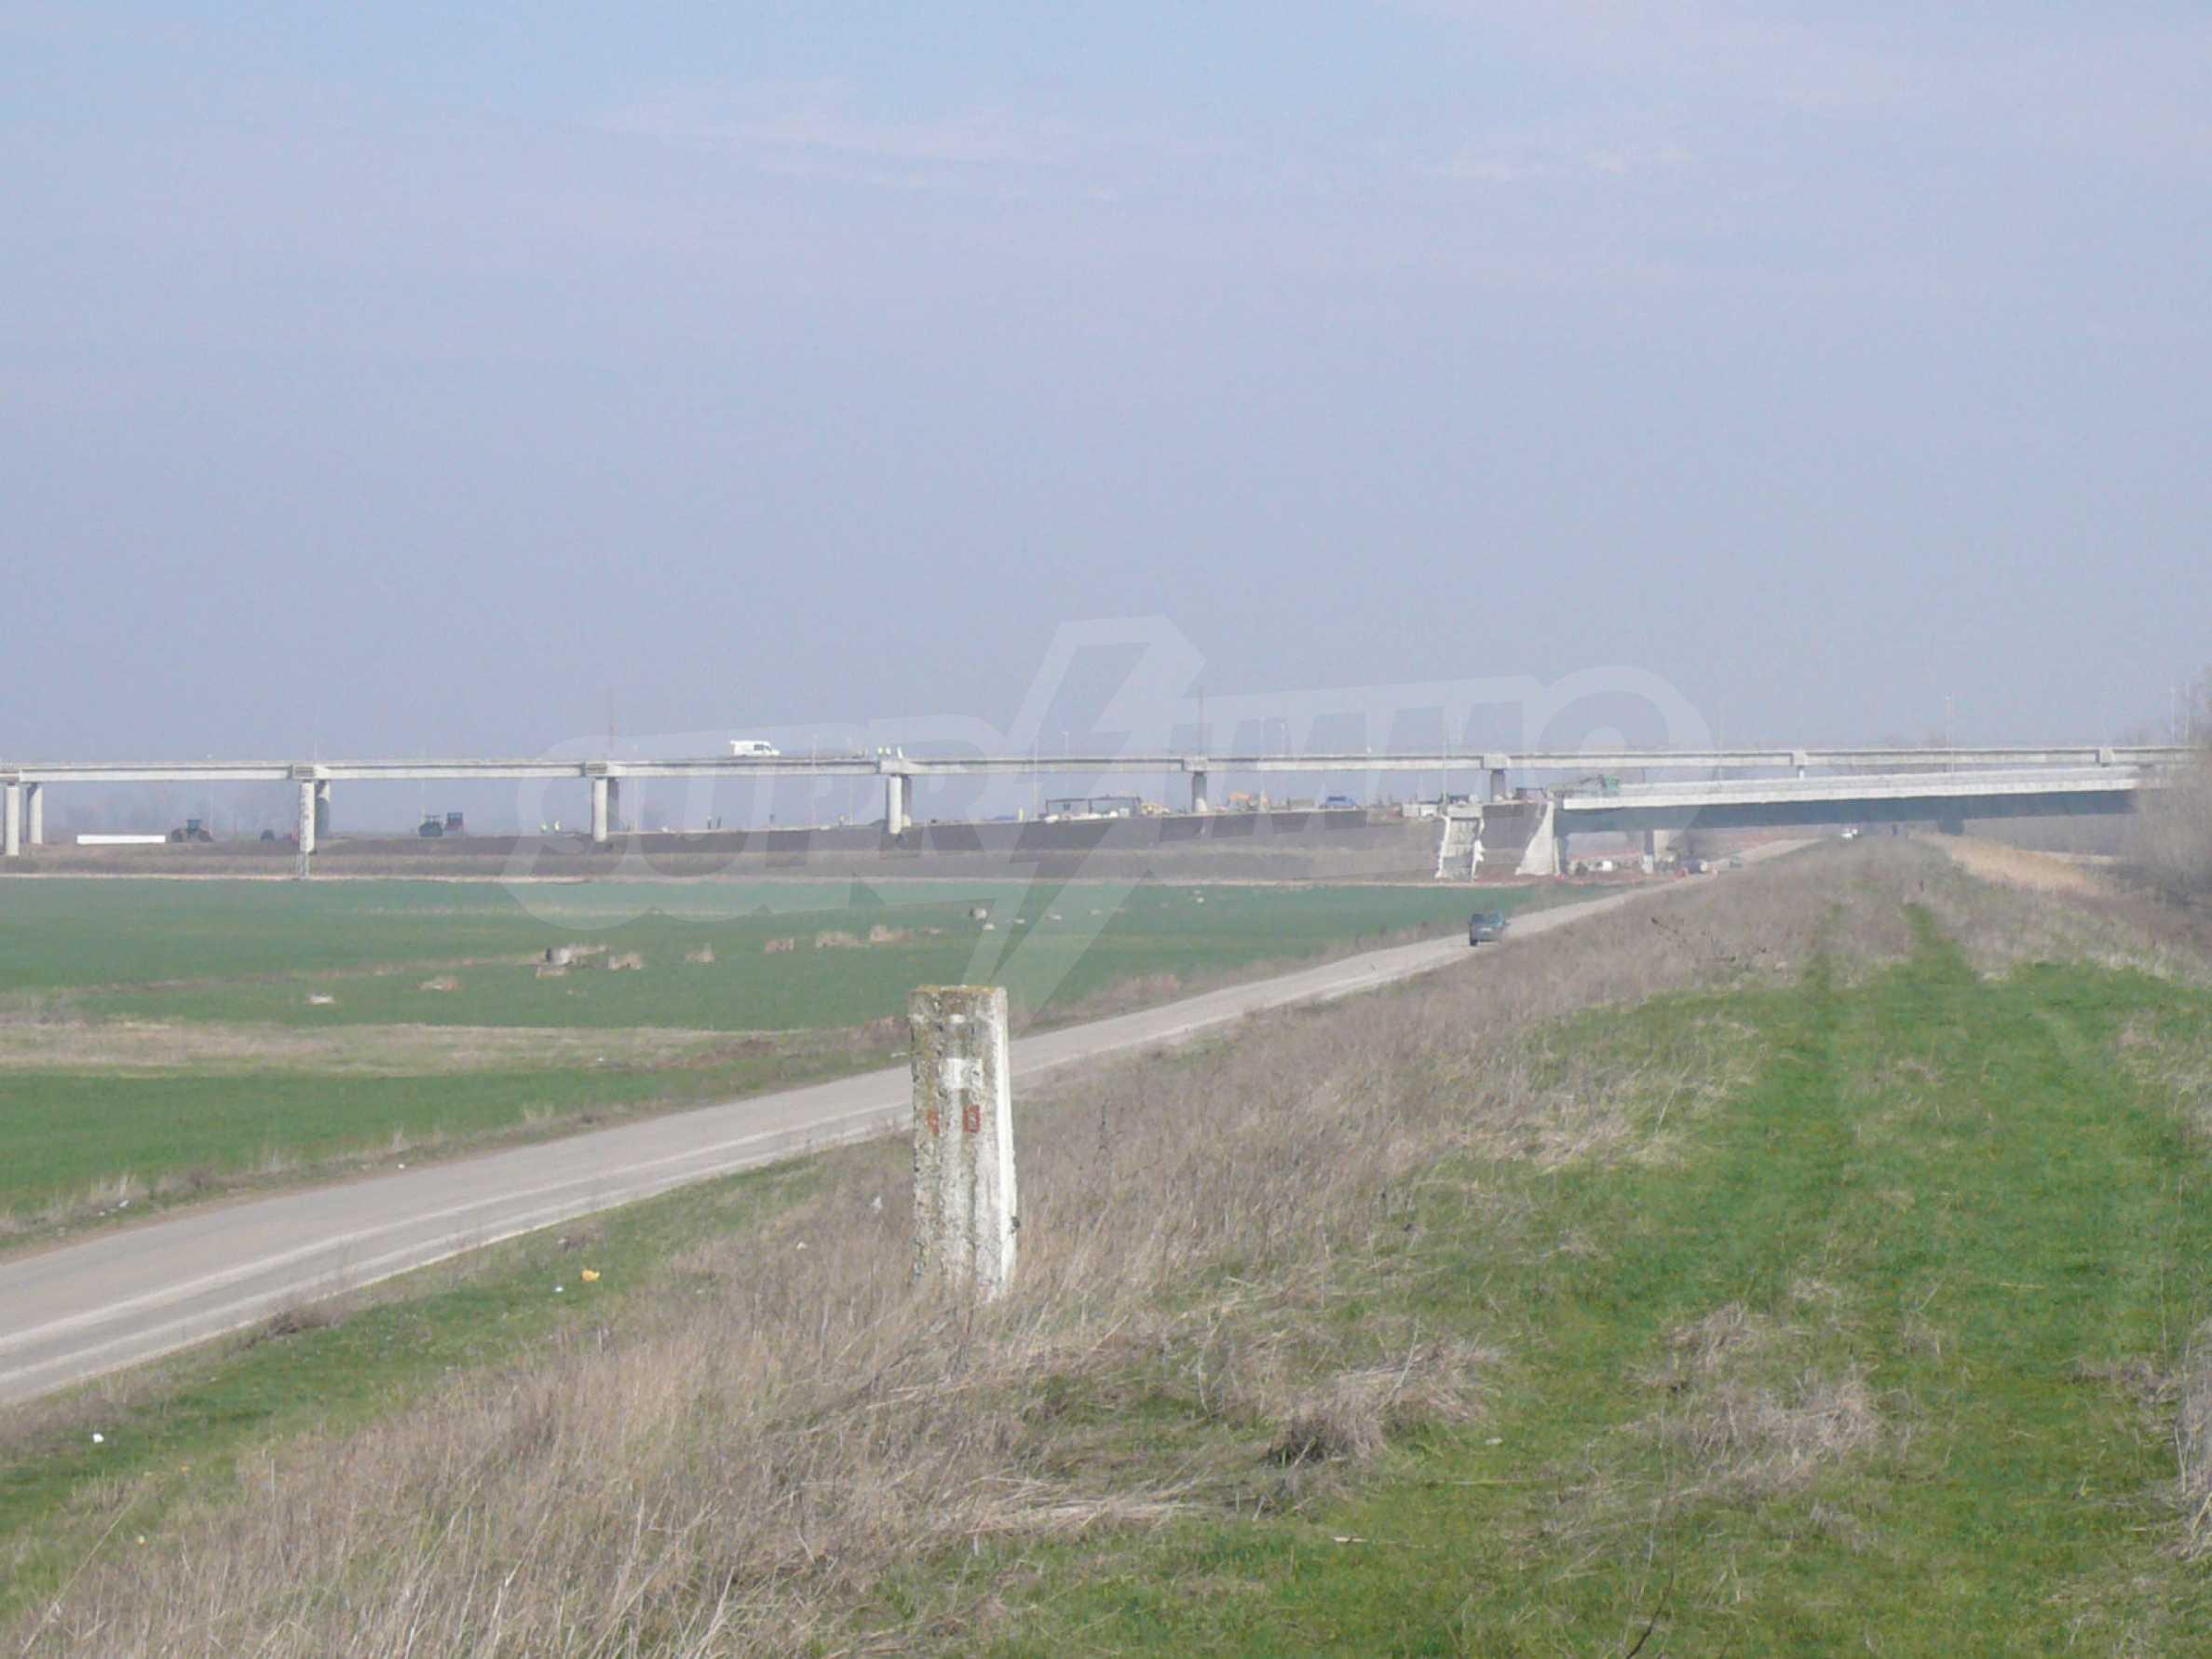 Umfangreiches Investitionsgrundstück nahe der Donaubrücke 2 2